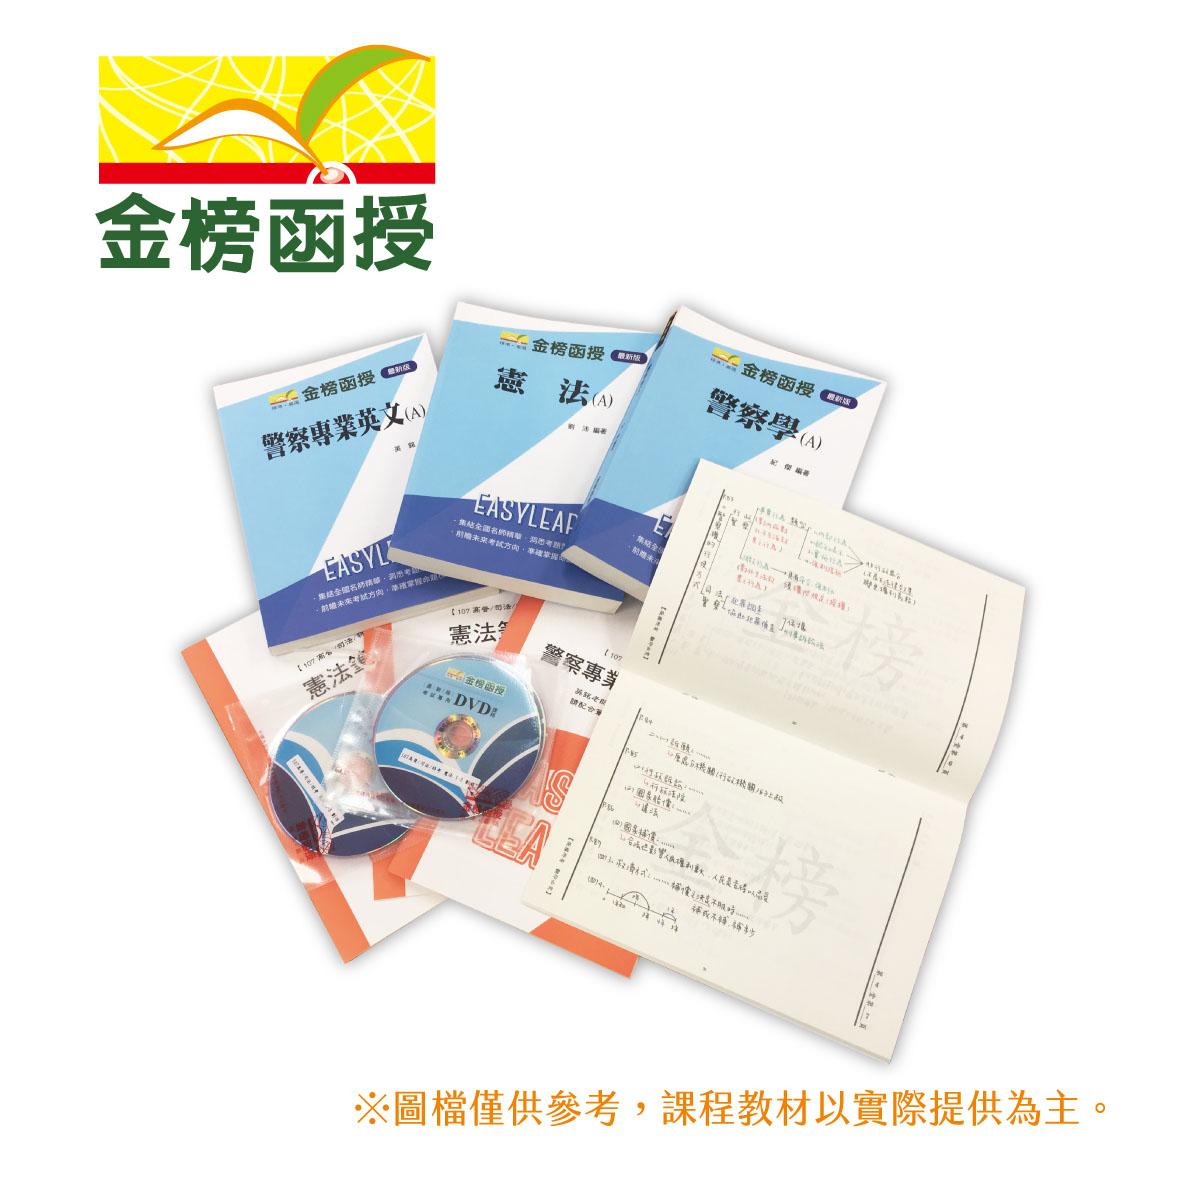 108金榜函授/初等考/全套/社会行政/DVD